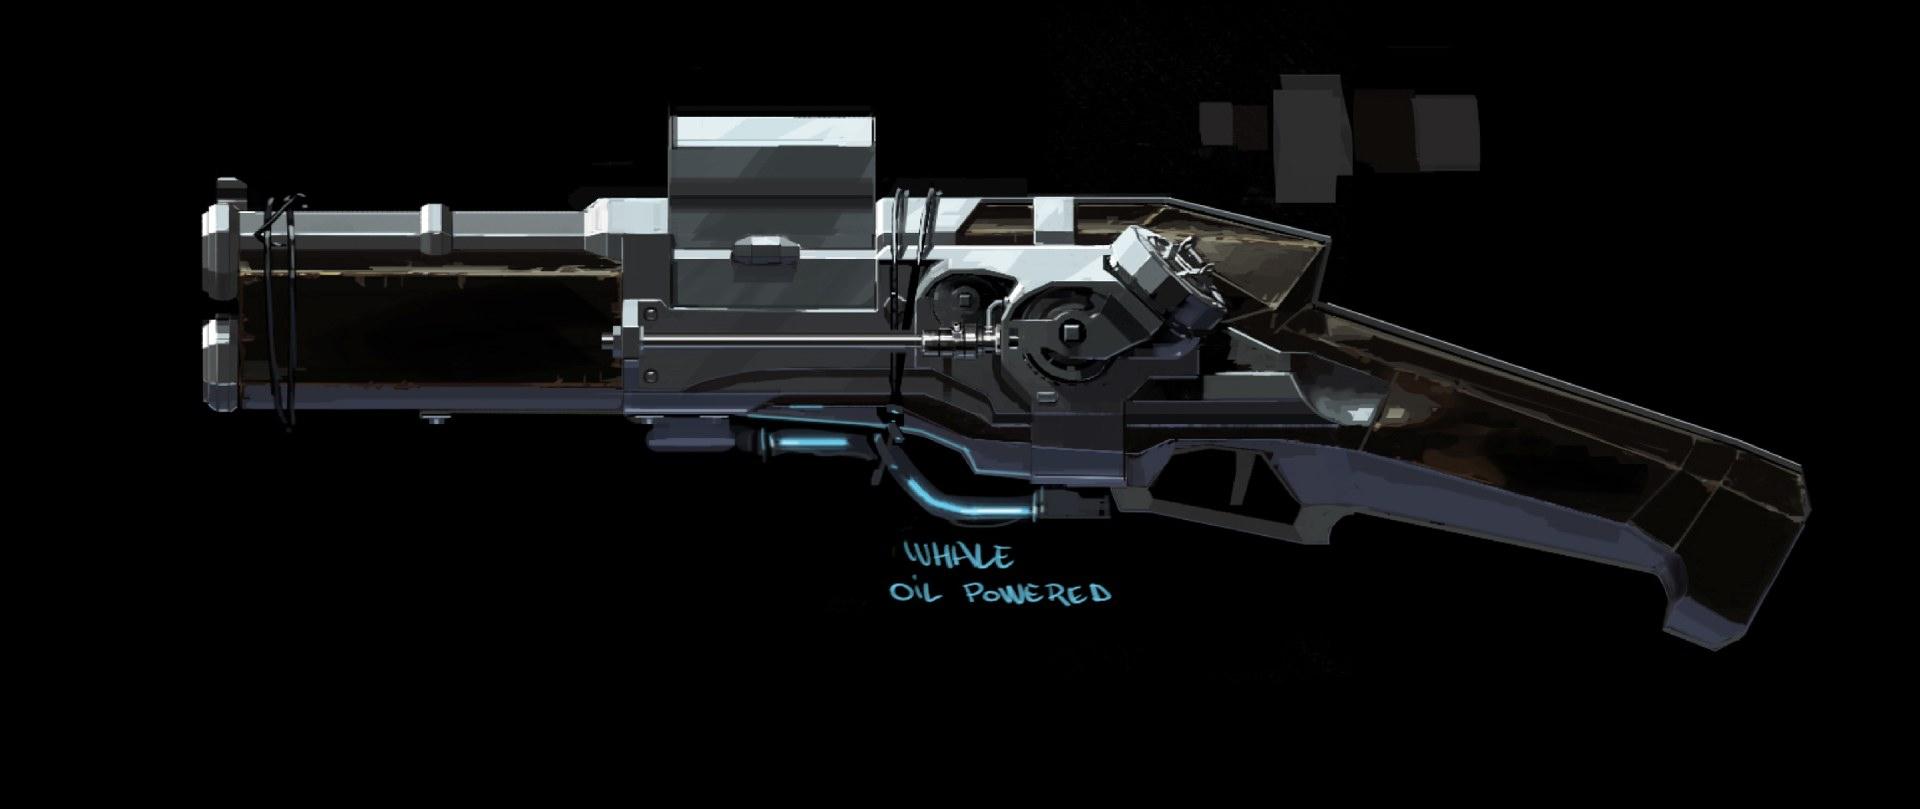 Dh-whale-oil-powered-gun.jpg